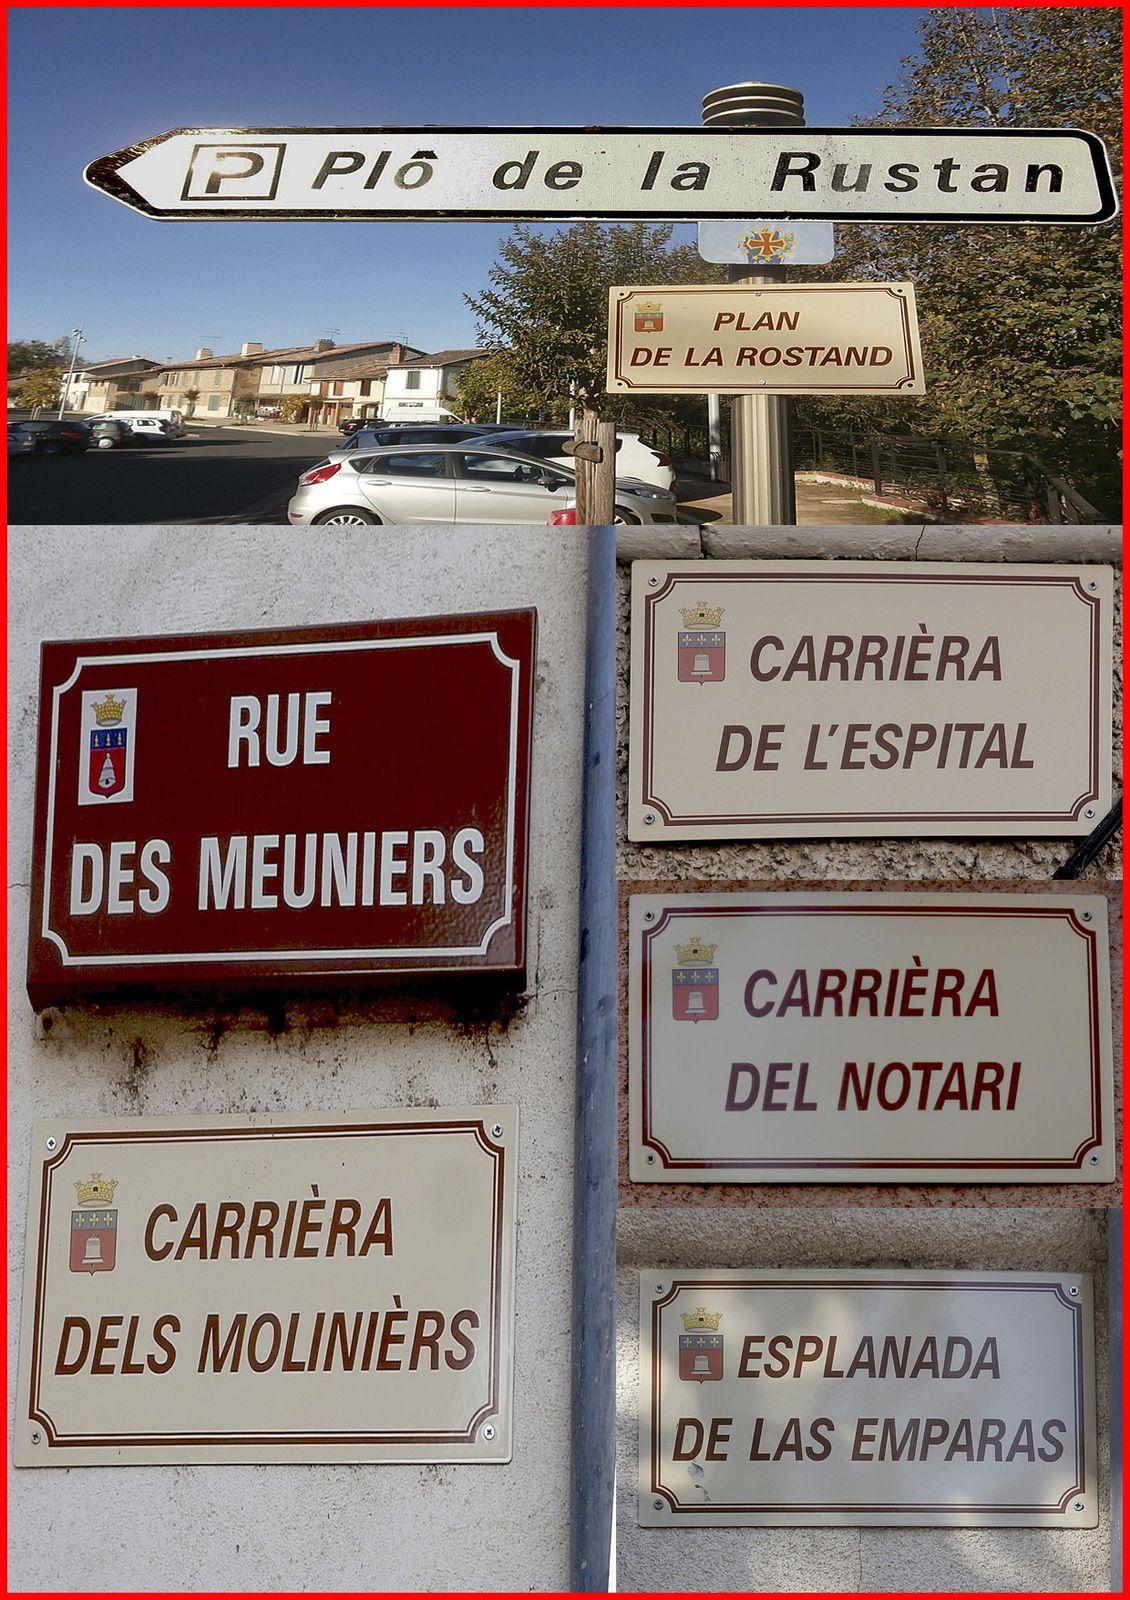 noms de las carrièras en occitan a Sant Sulpici la Punta